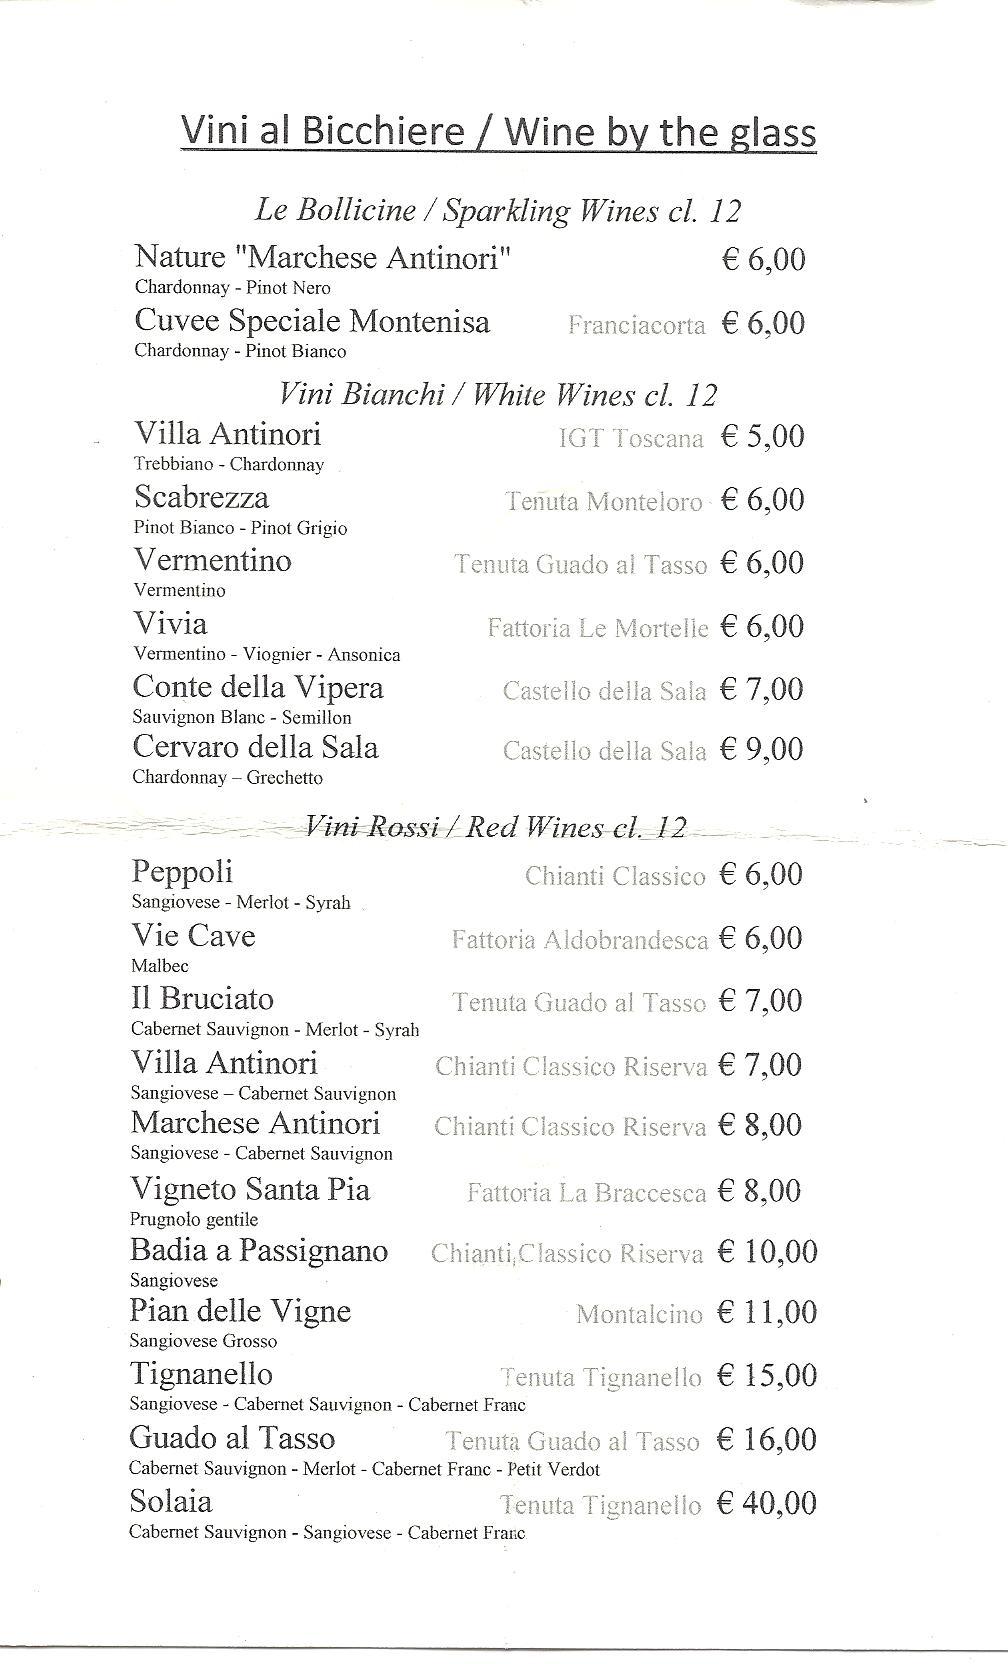 prezzi del vino al bicchiere antinori | soloalsecondogrado